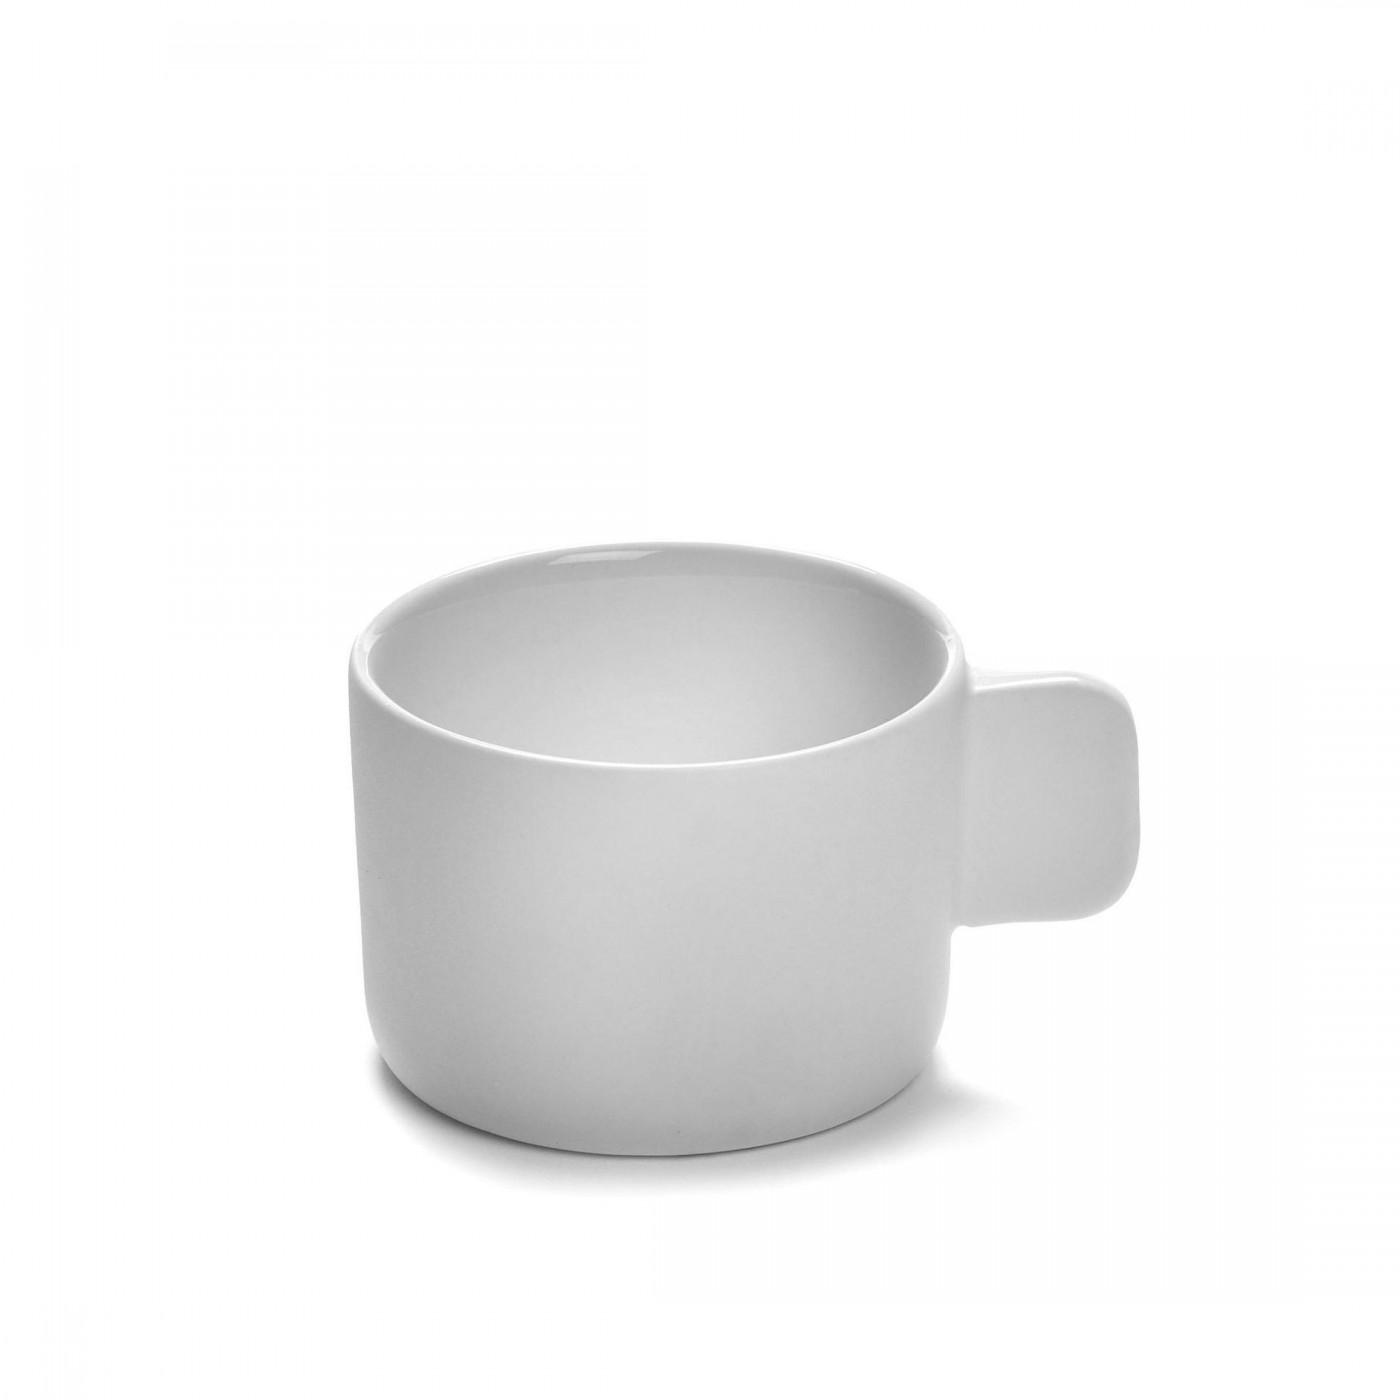 Tasse à expresso en porcelaine blanche D6,5cm